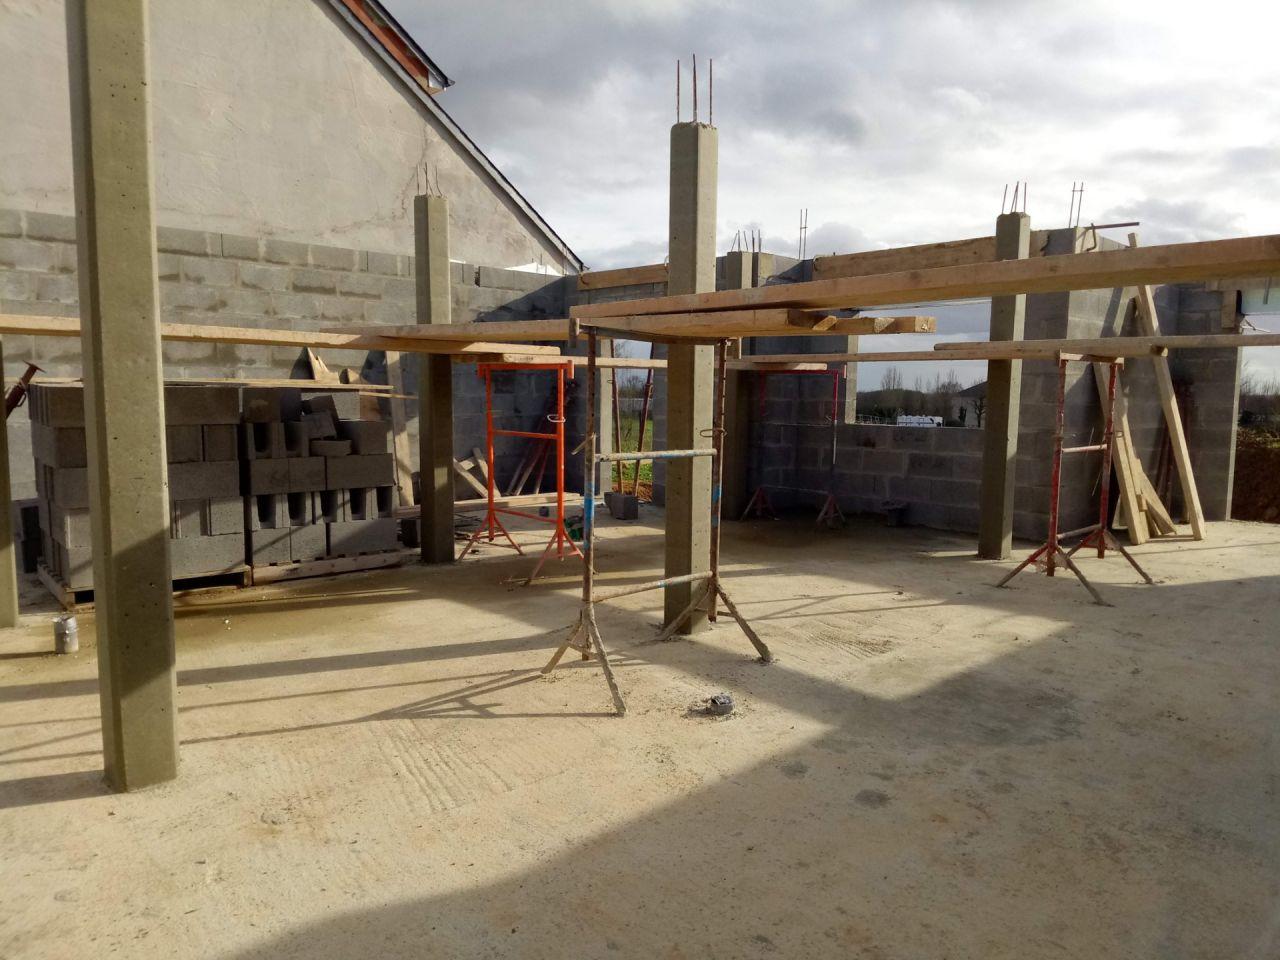 6 poutres verticales vont soutenir l'étage. 3 poutres seront dans le garage, 2 dans des placards et une seule restera visible et sera dans la cuisine.